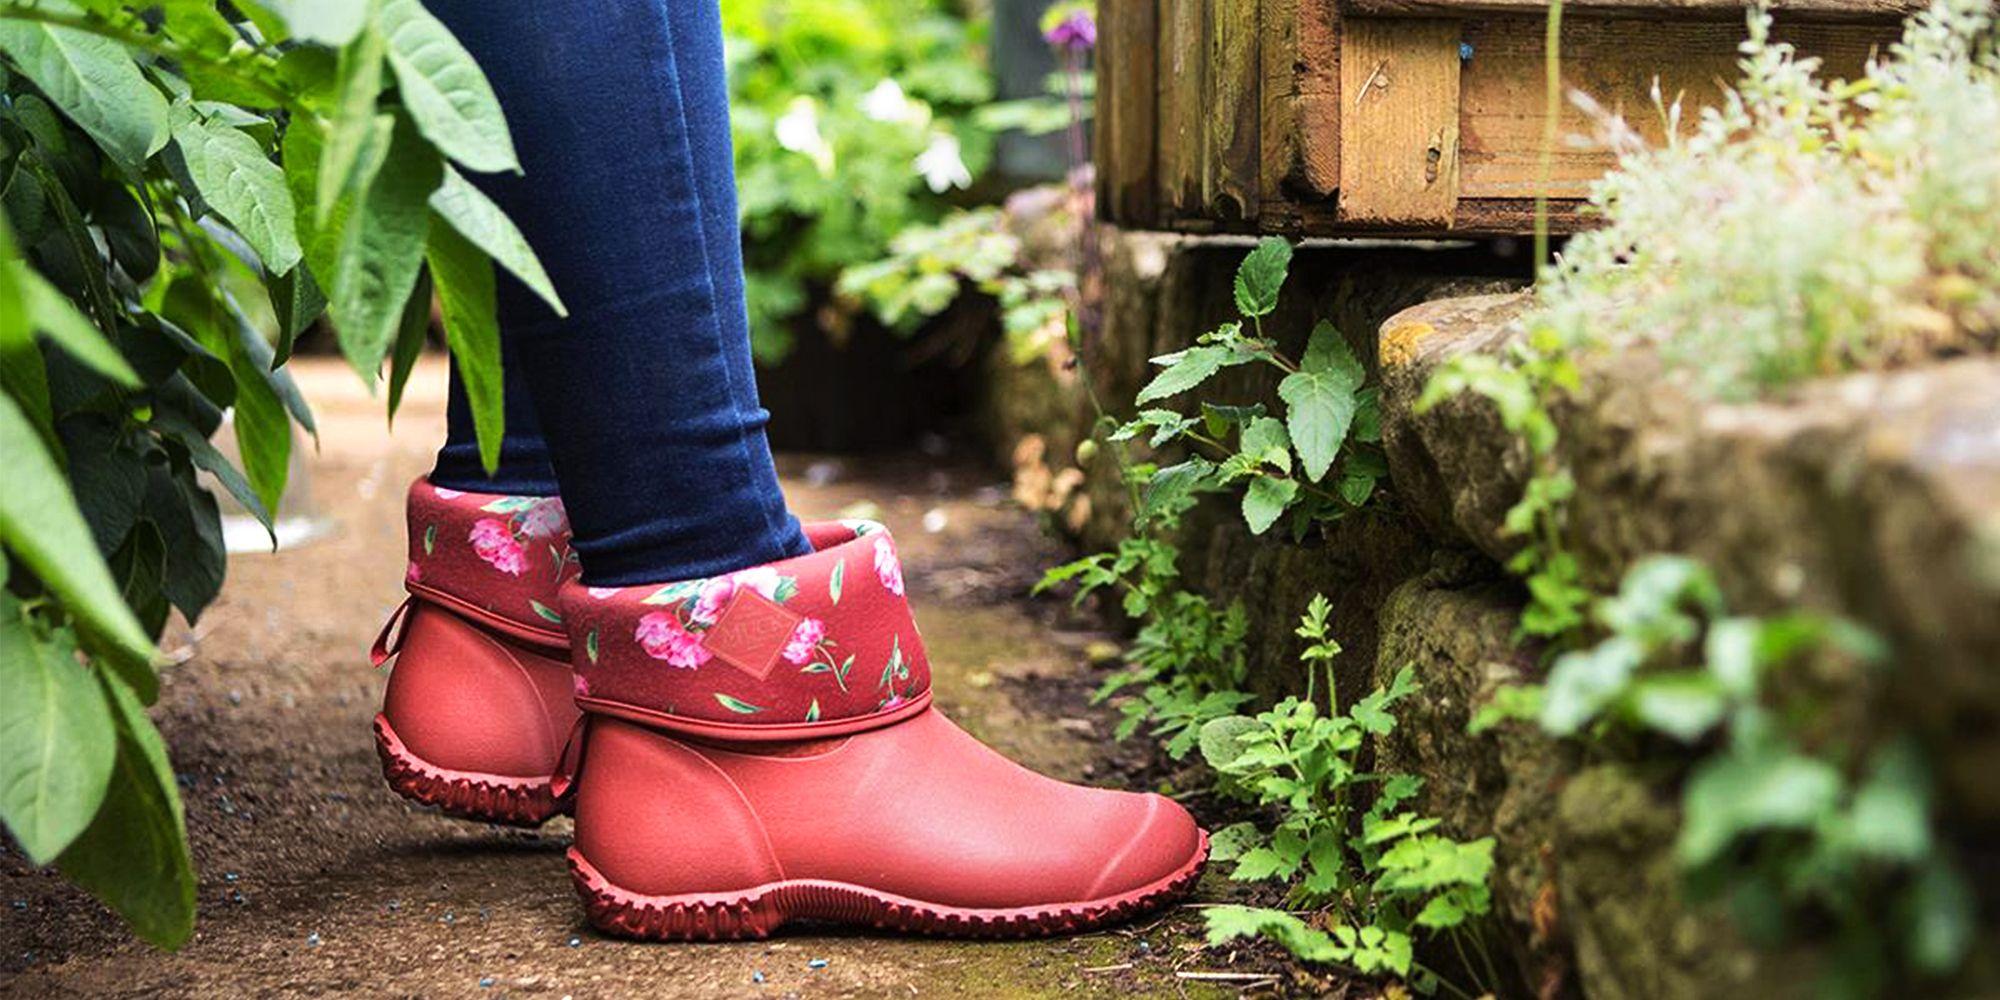 10 Best Garden Shoes \u0026 Boots in 2020